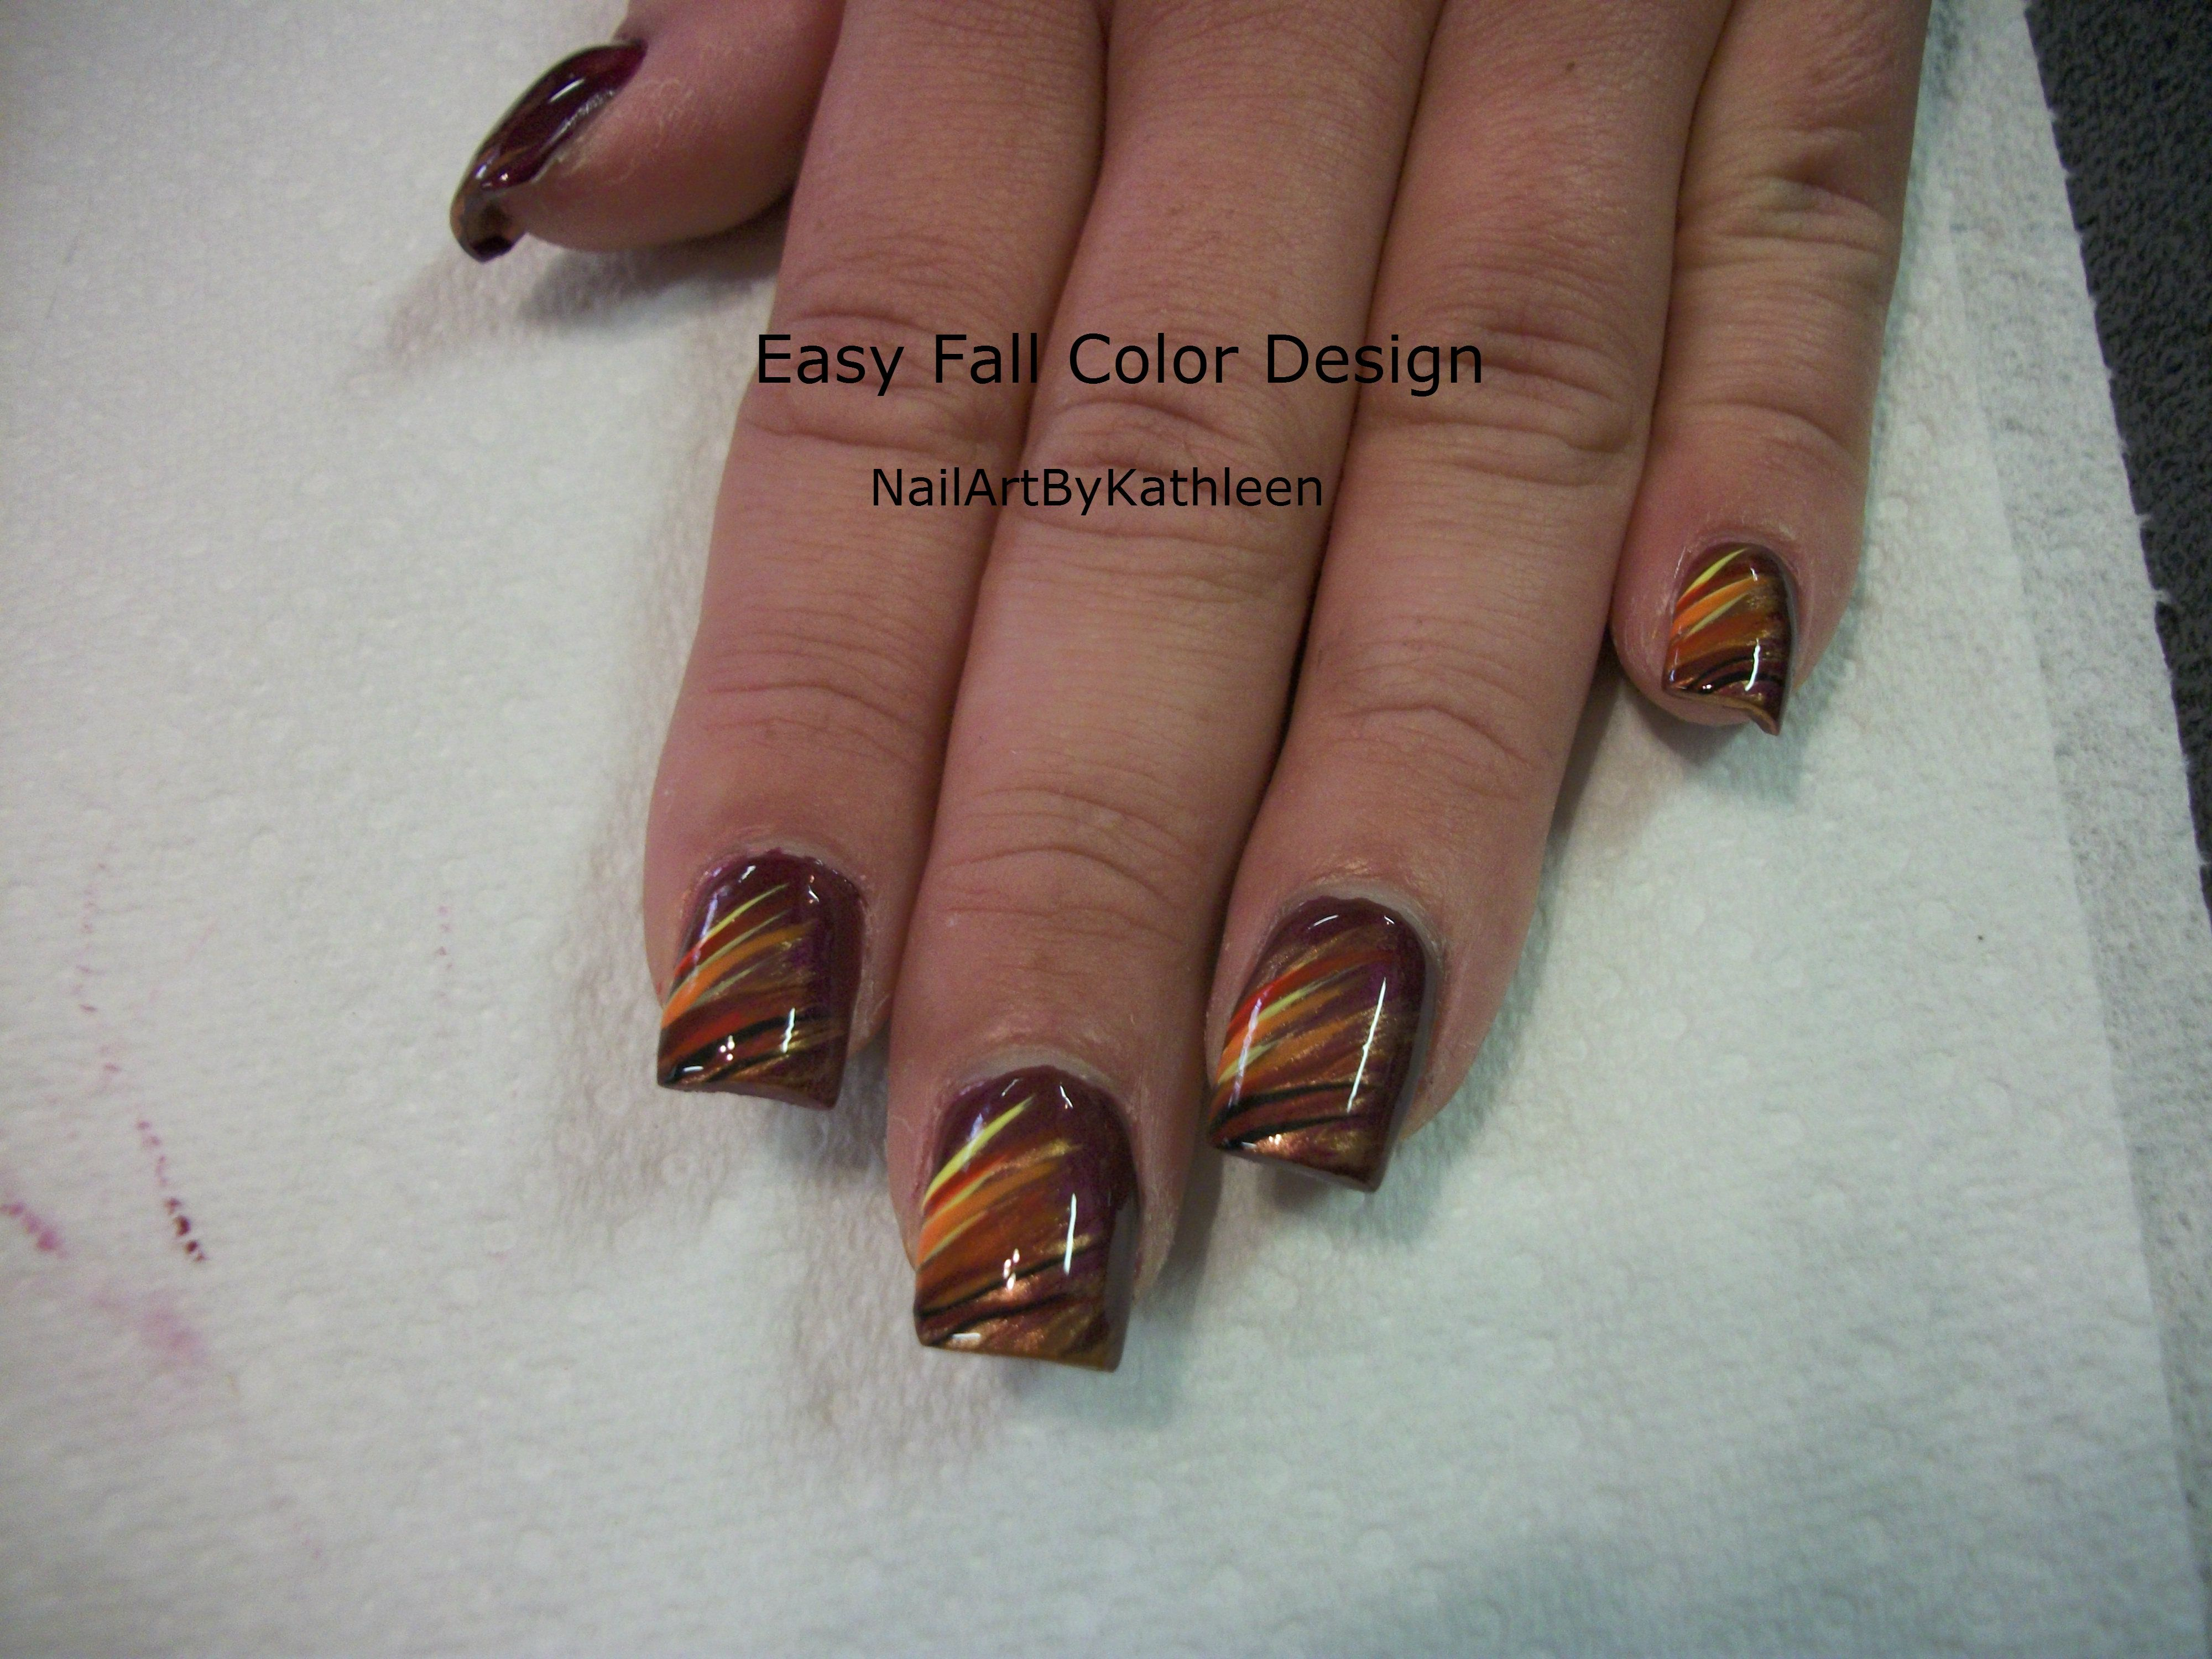 Easy Fall Color Nail Art | Nail Art | Pinterest | Color nails ...